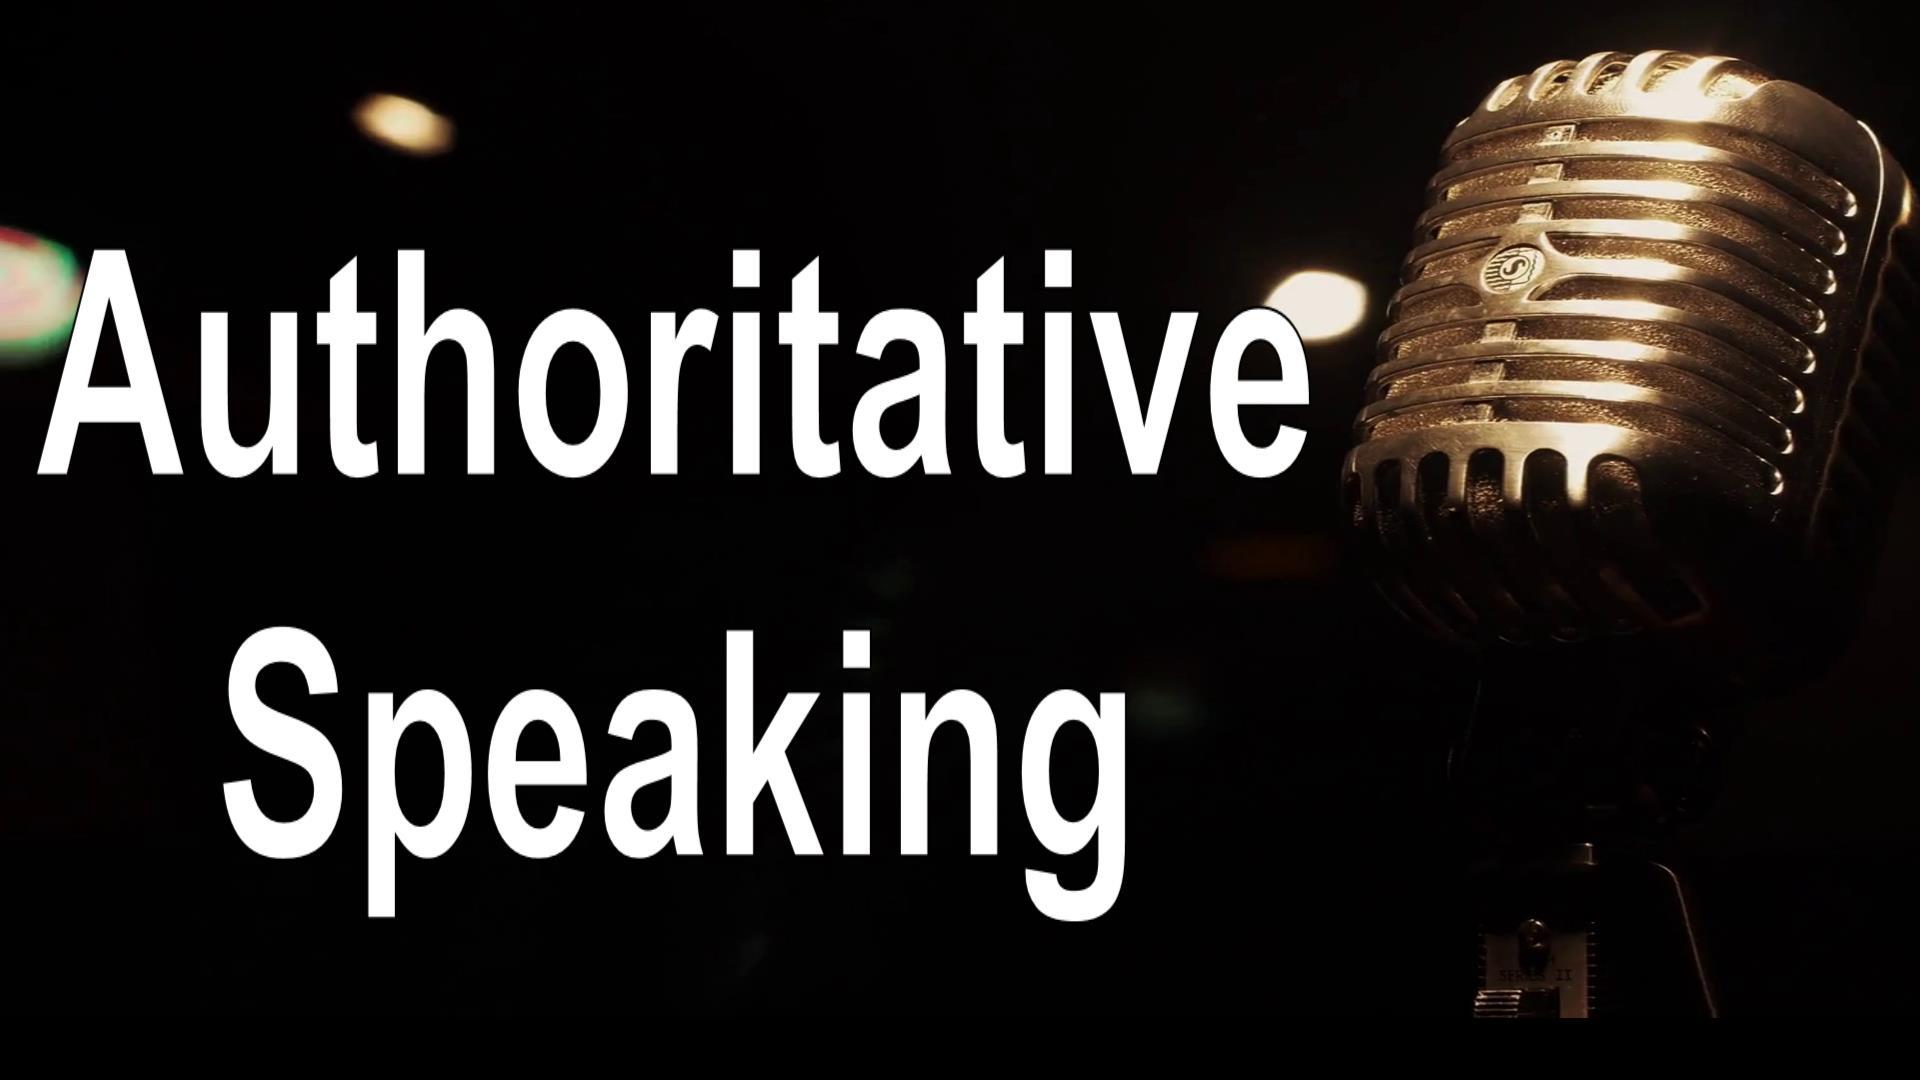 Authoritative Speaking